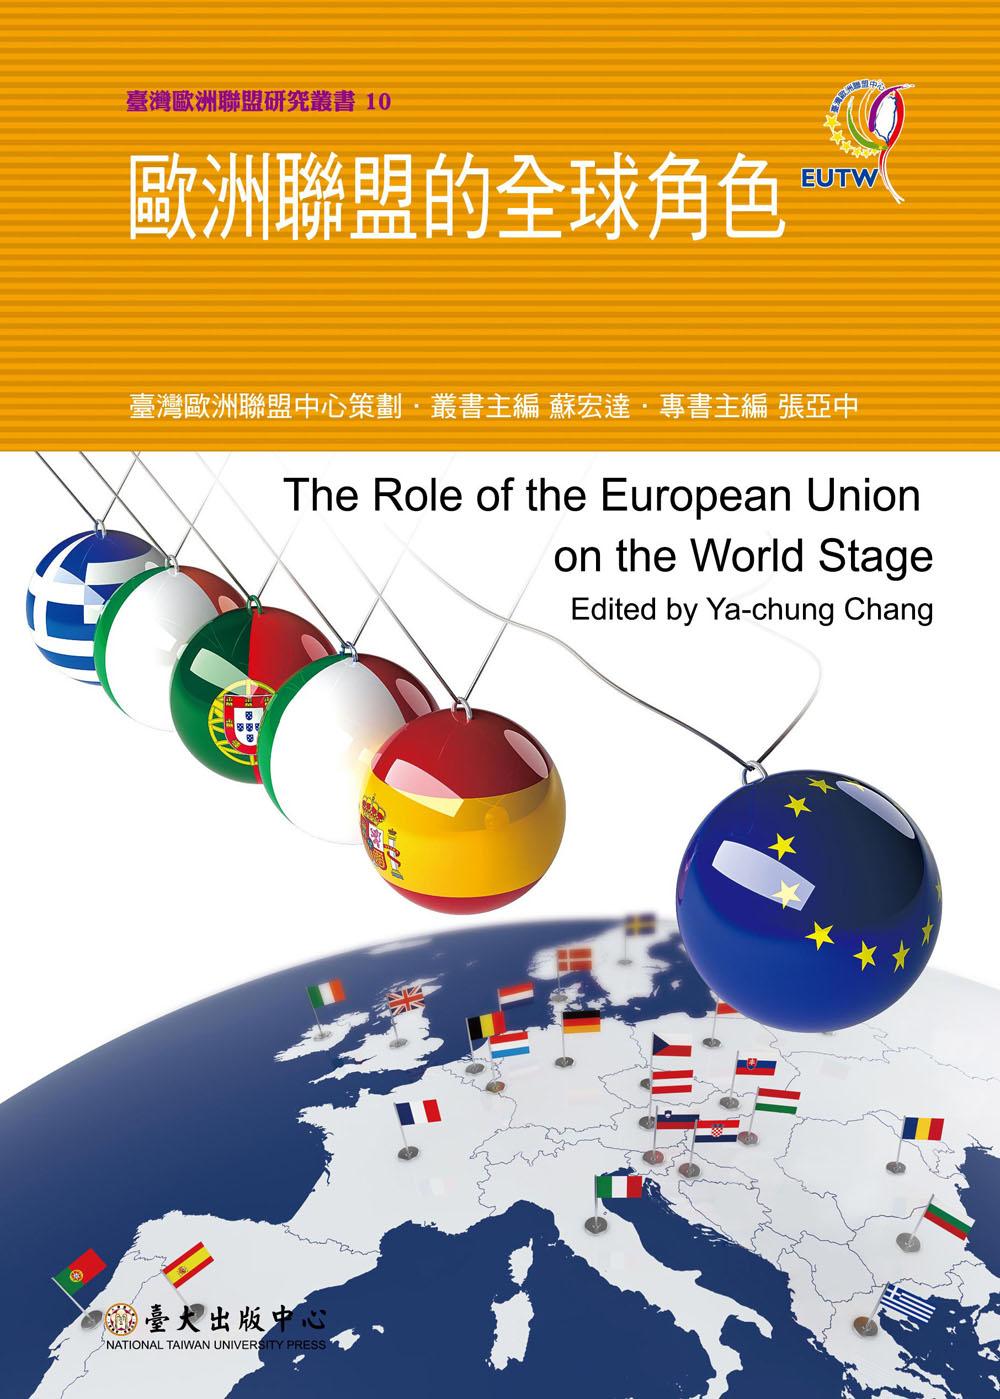 歐洲聯盟的全球角色